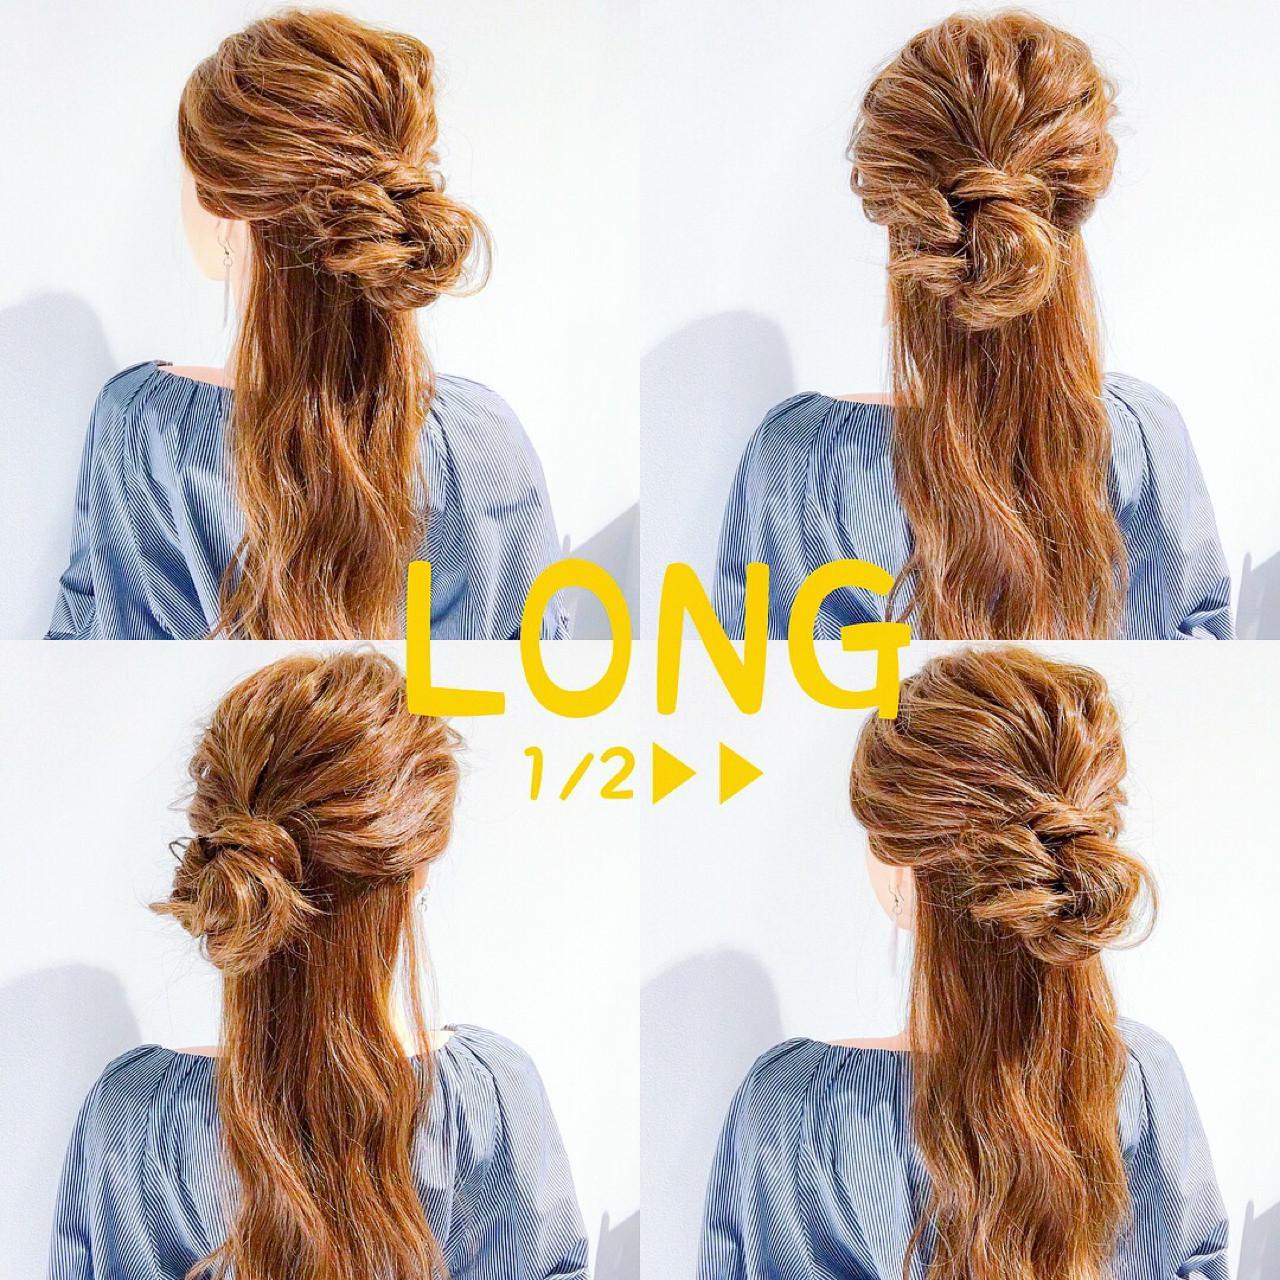 ロング デート 上品 簡単ヘアアレンジ ヘアスタイルや髪型の写真・画像 | 美容師HIRO/Amoute代表 / Amoute/アムティ